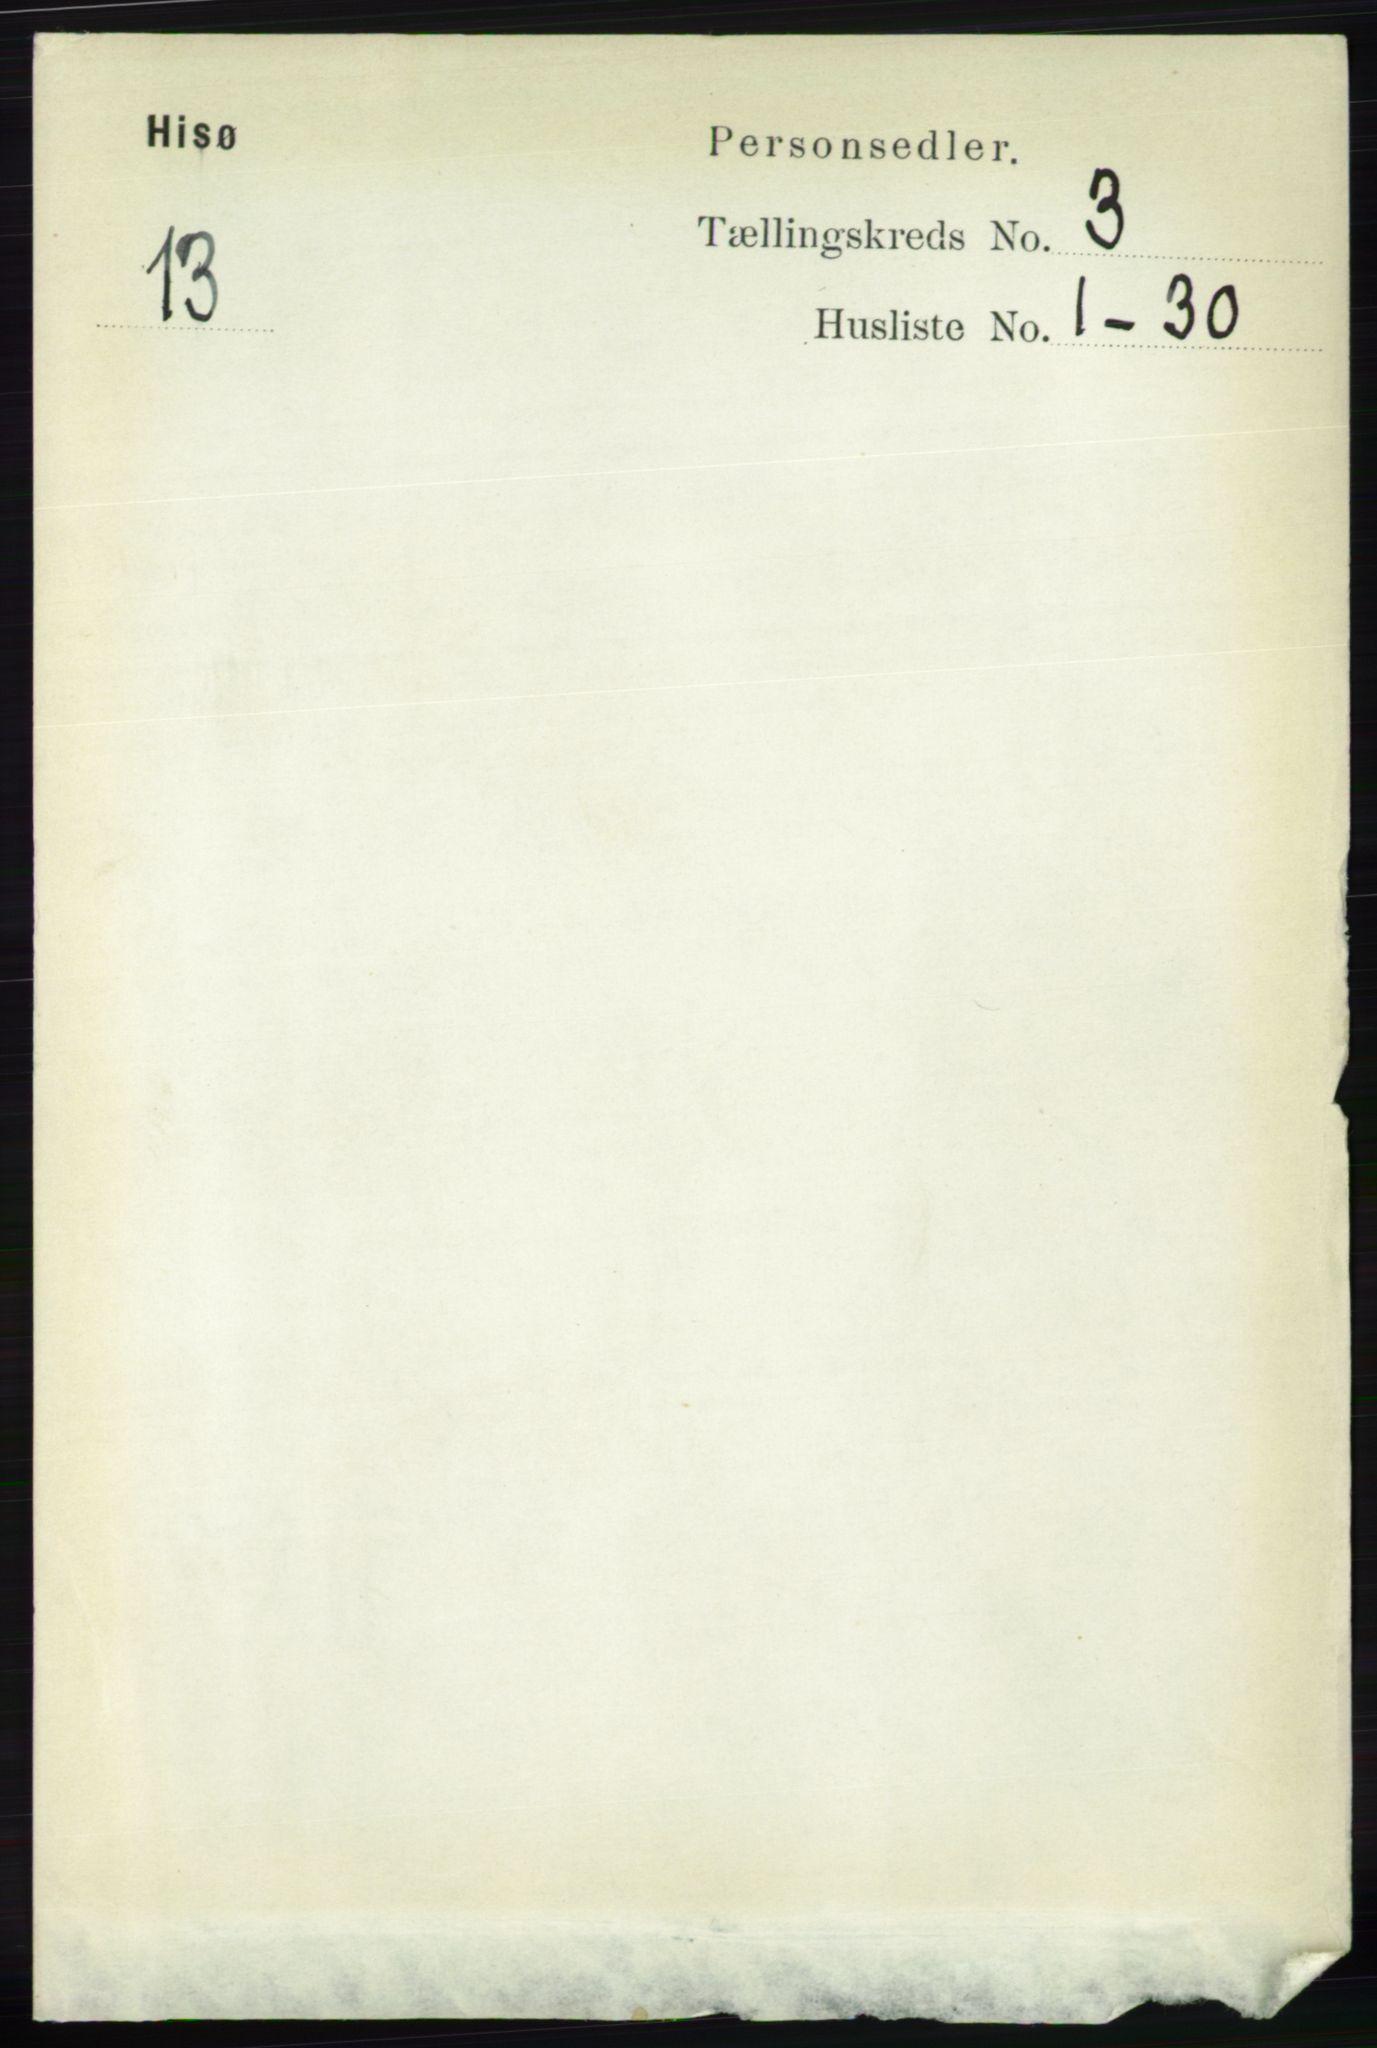 RA, Folketelling 1891 for 0922 Hisøy herred, 1891, s. 2251